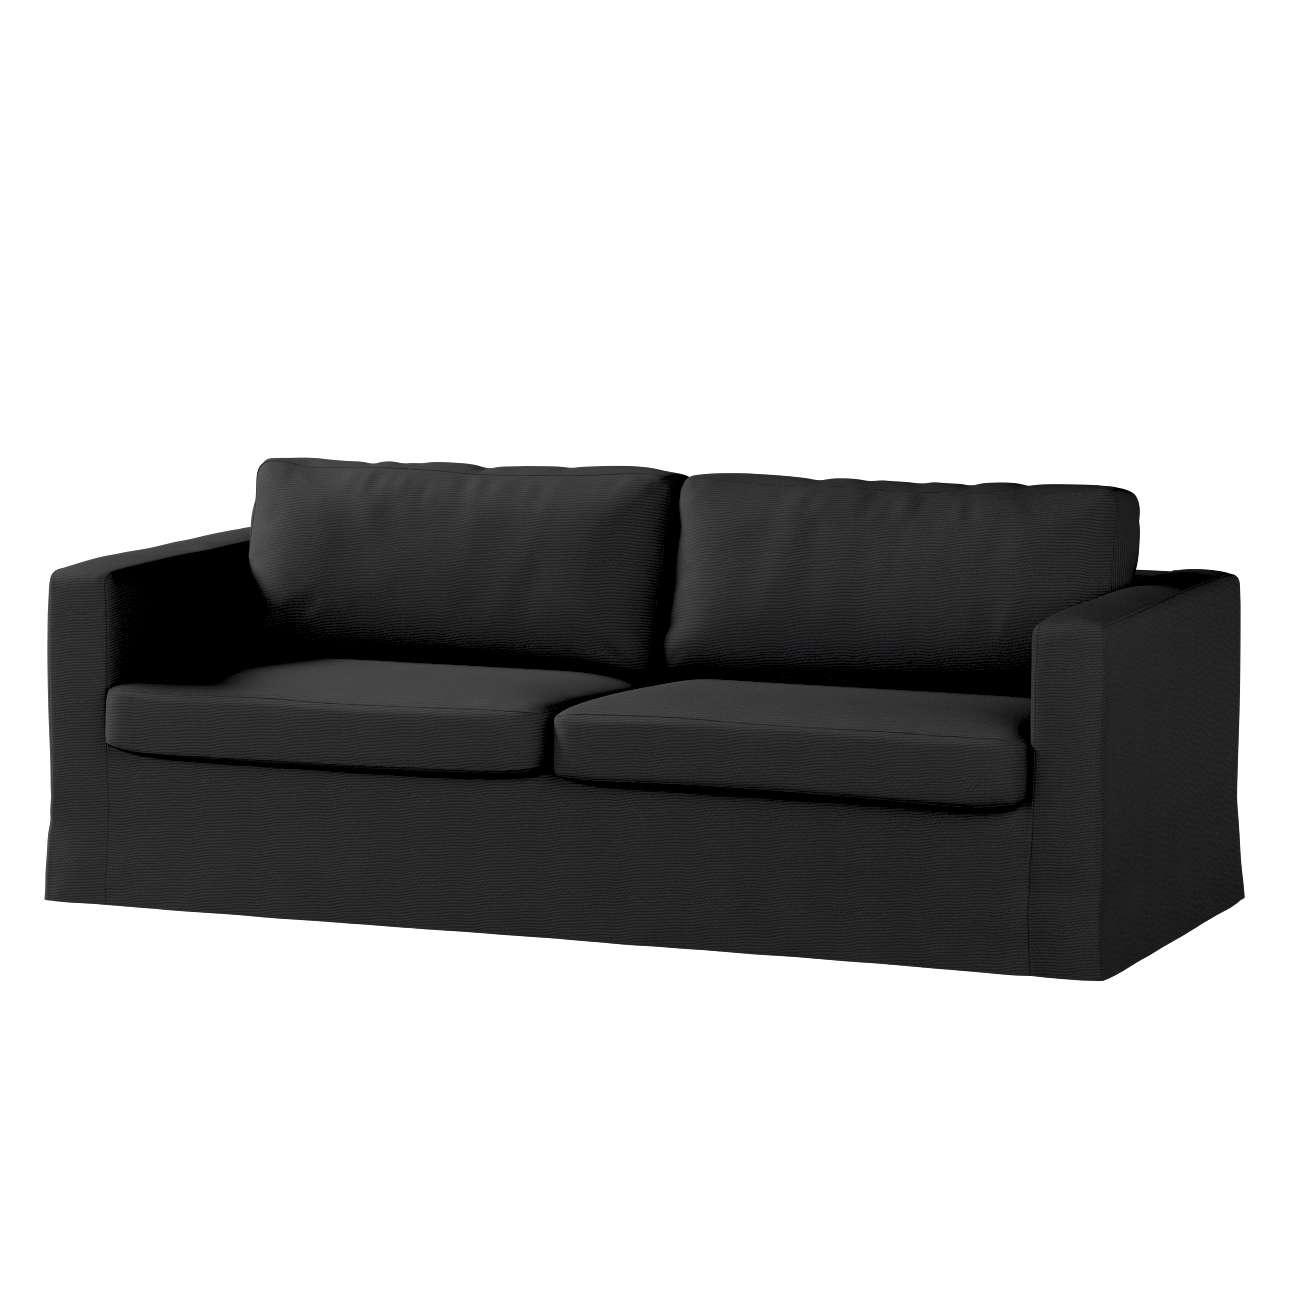 Pokrowiec na sofę Karlstad 3-osobową nierozkładaną, długi Sofa Karlstad 3-osobowa w kolekcji Etna , tkanina: 705-00